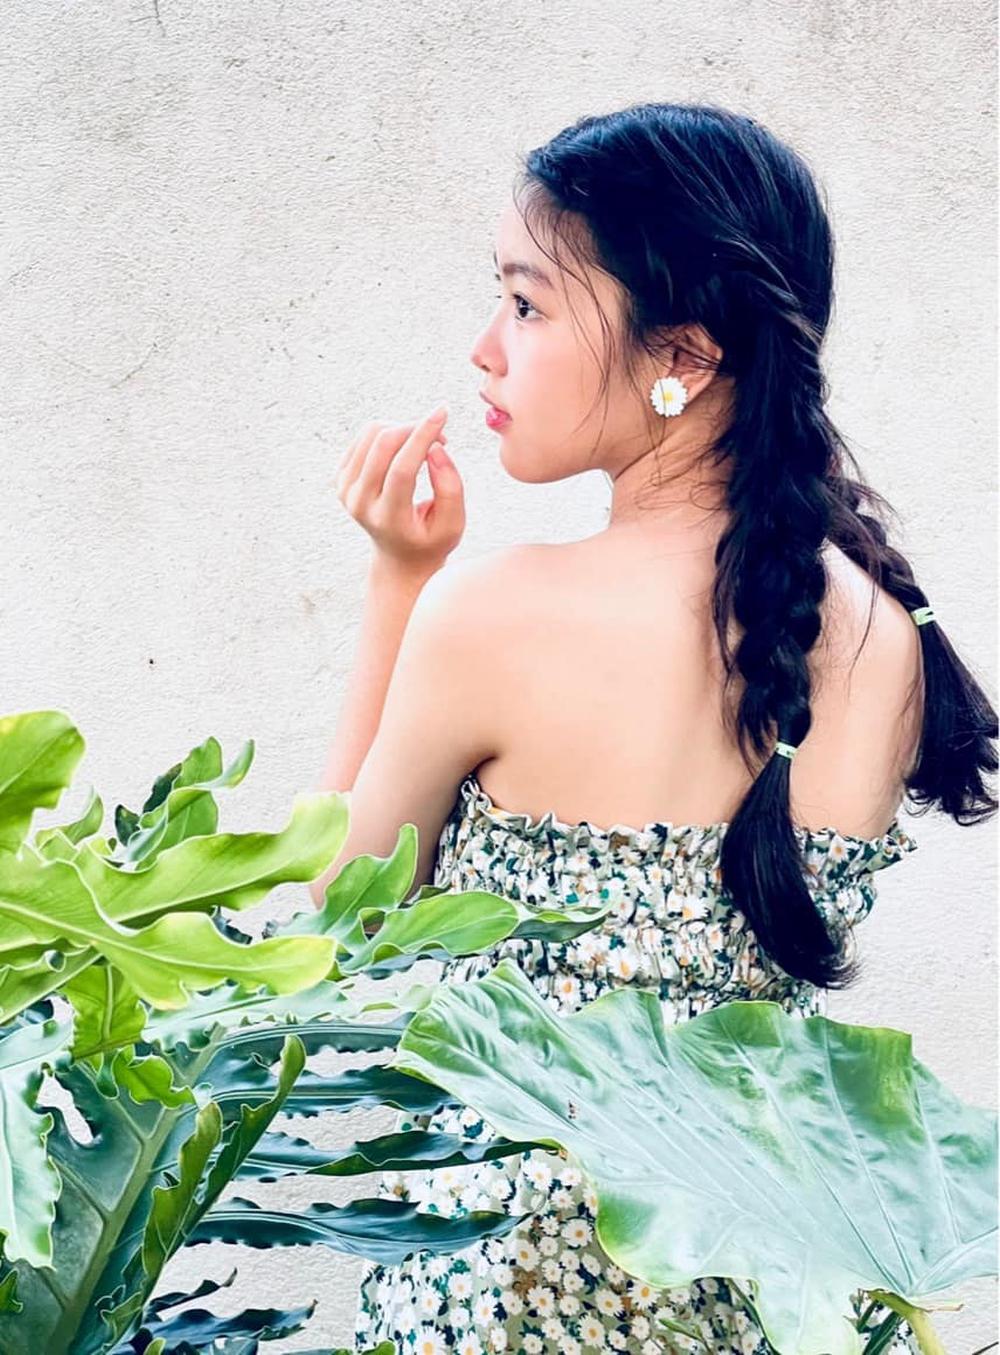 Ái nữ 16 tuổi nhà Quyền Linh tiếp tục gây chú ý với gương mặt thuần khiết, xinh đẹp - Ảnh 6.